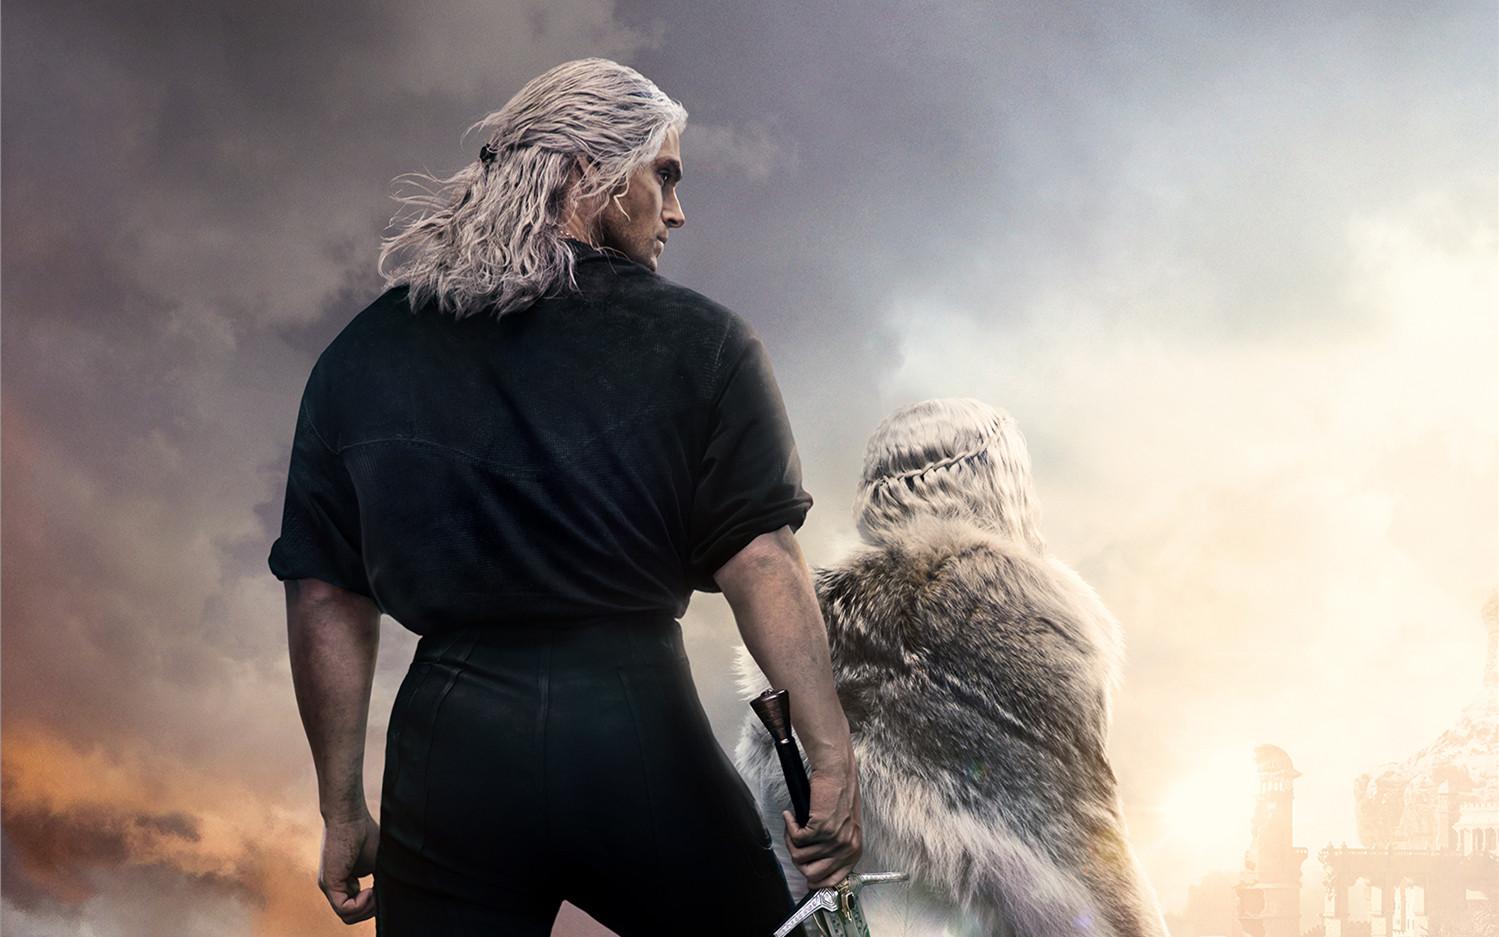 《猎魔人》第二季发布先导预告,12月17日正式回归